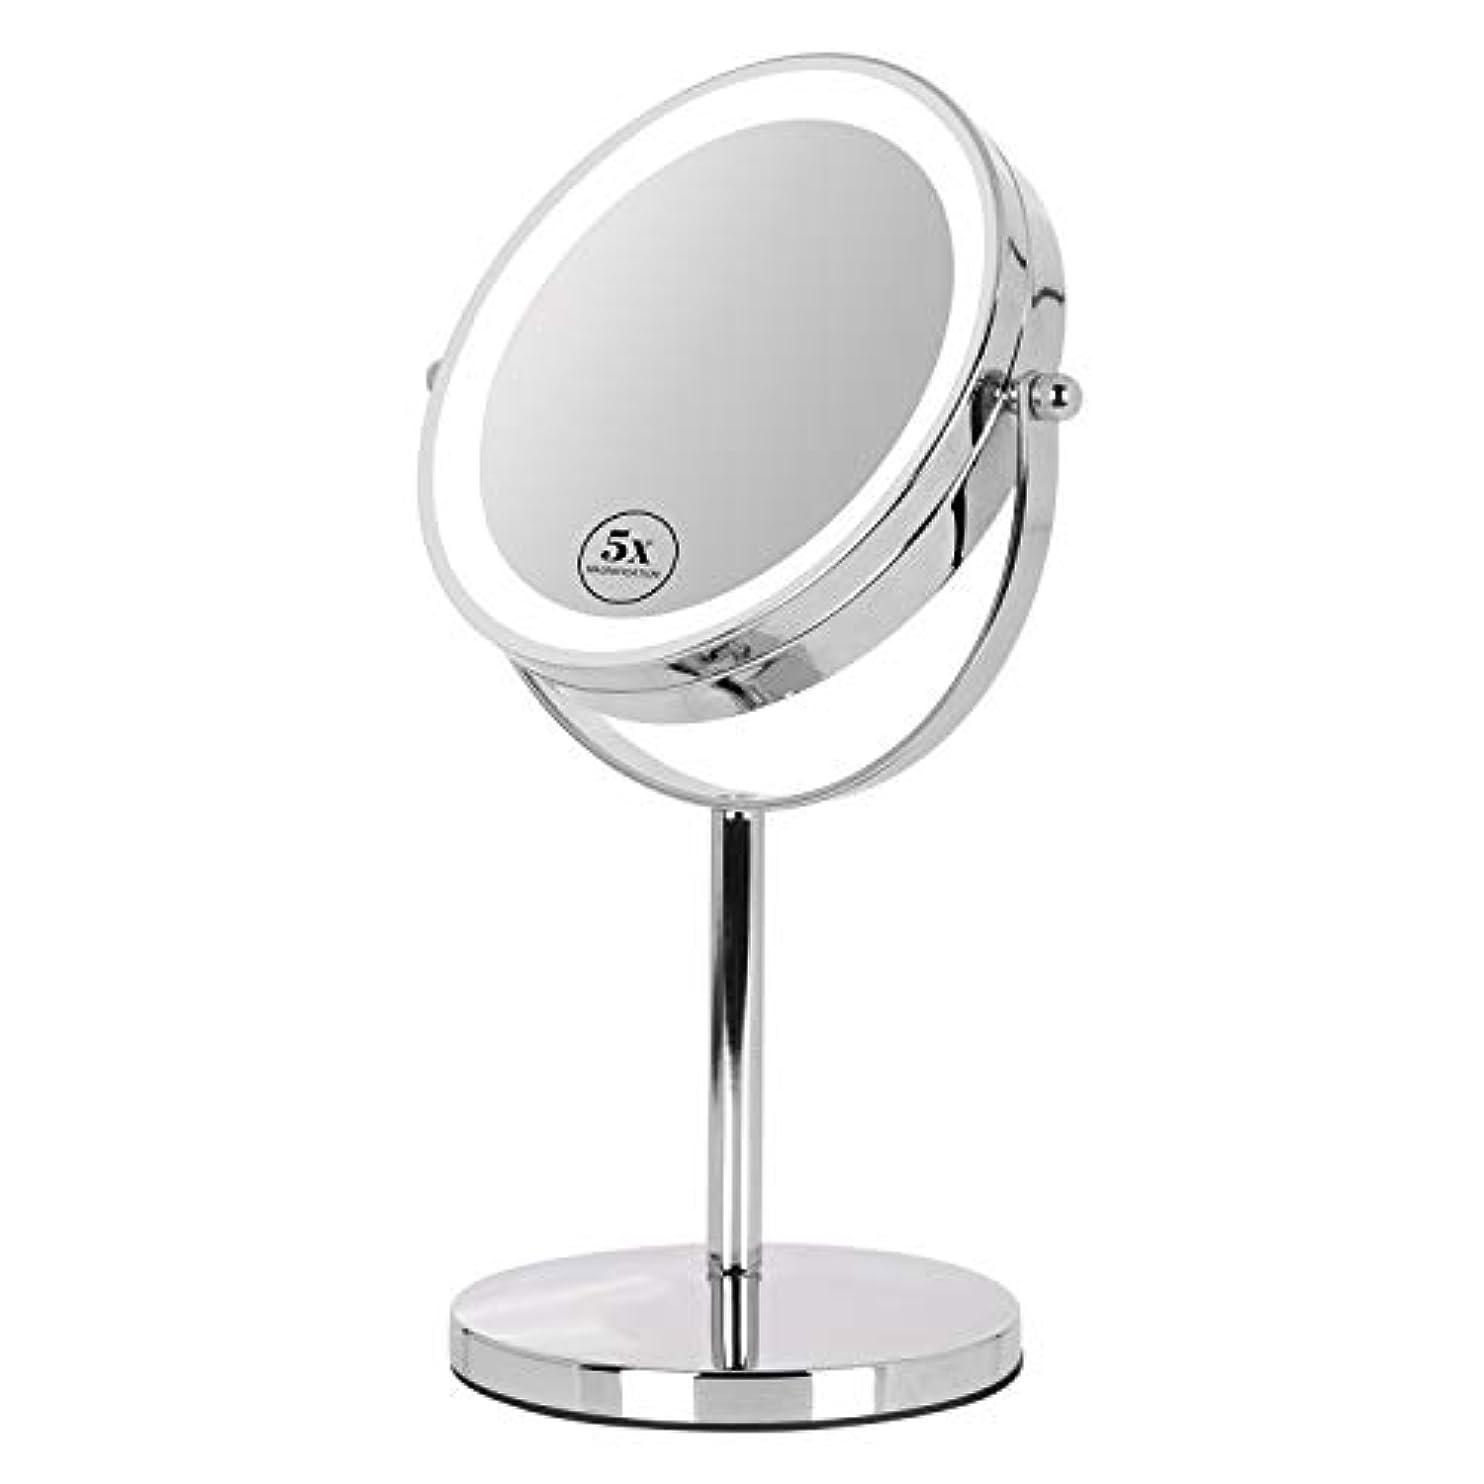 きつくインテリア欠席卓上ミラー 鏡 化粧鏡 LED付き 真実の両面鏡DX 5倍拡大鏡 360度回転 卓上鏡 鏡面Φ165mm